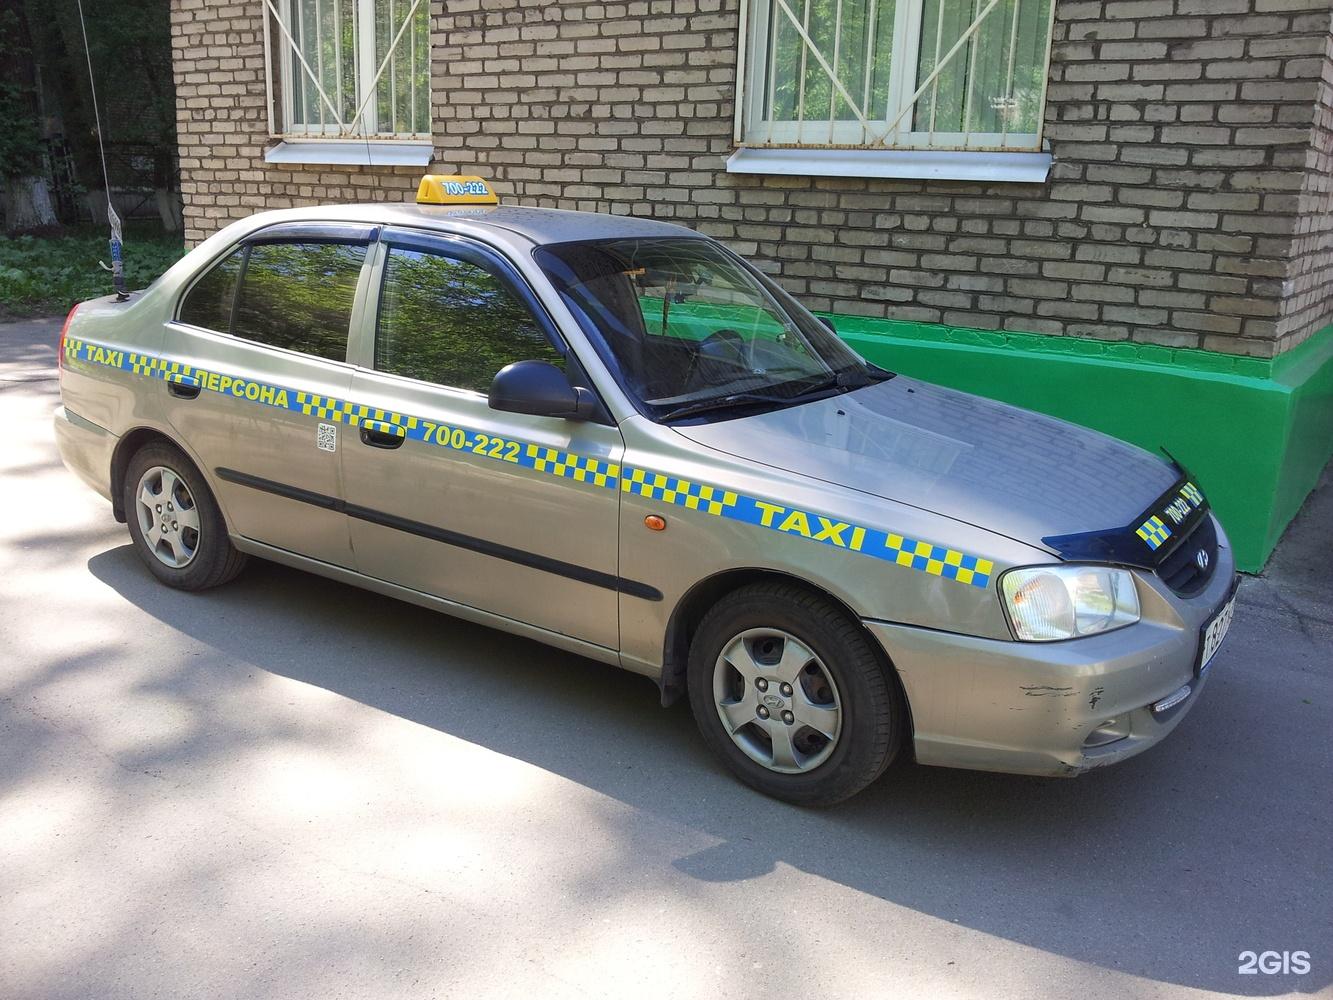 Цветографическая схемы легкового такси фото